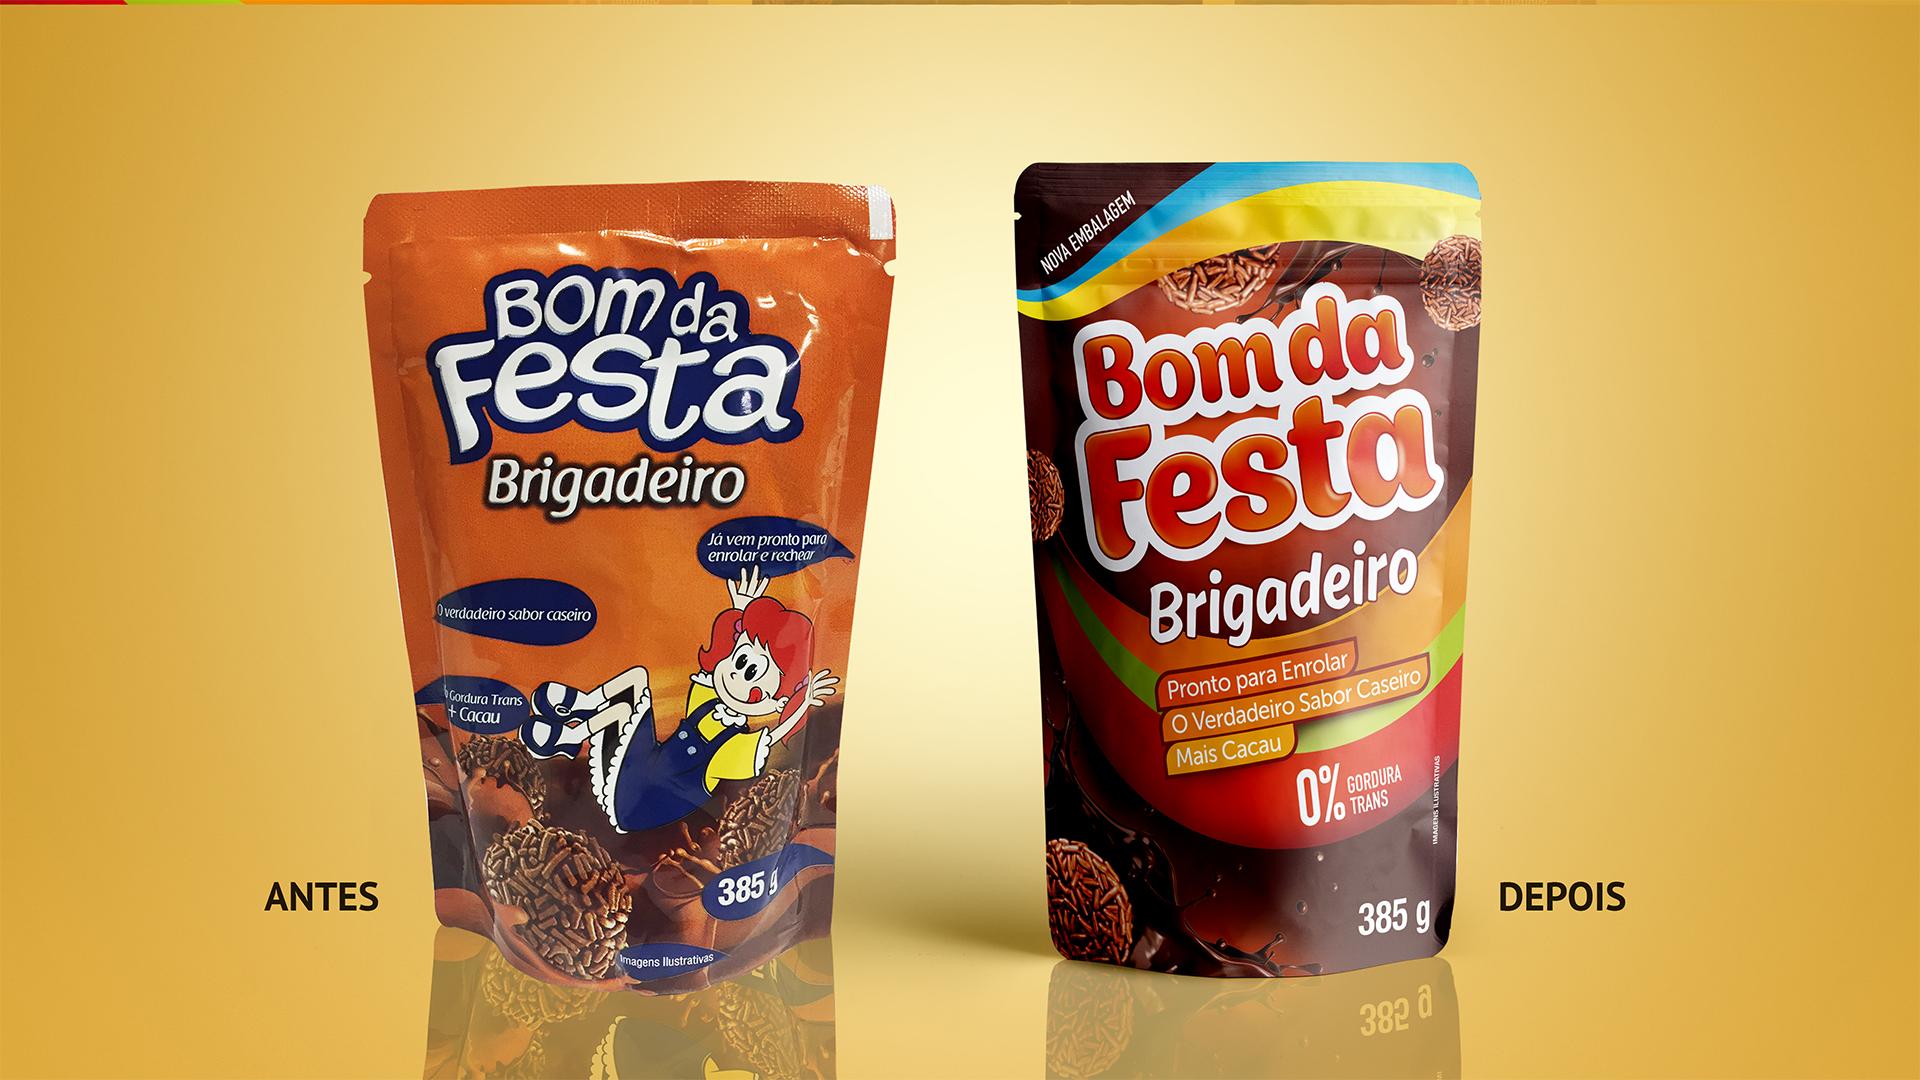 Bom de Festa Antes e Depois das embalagens